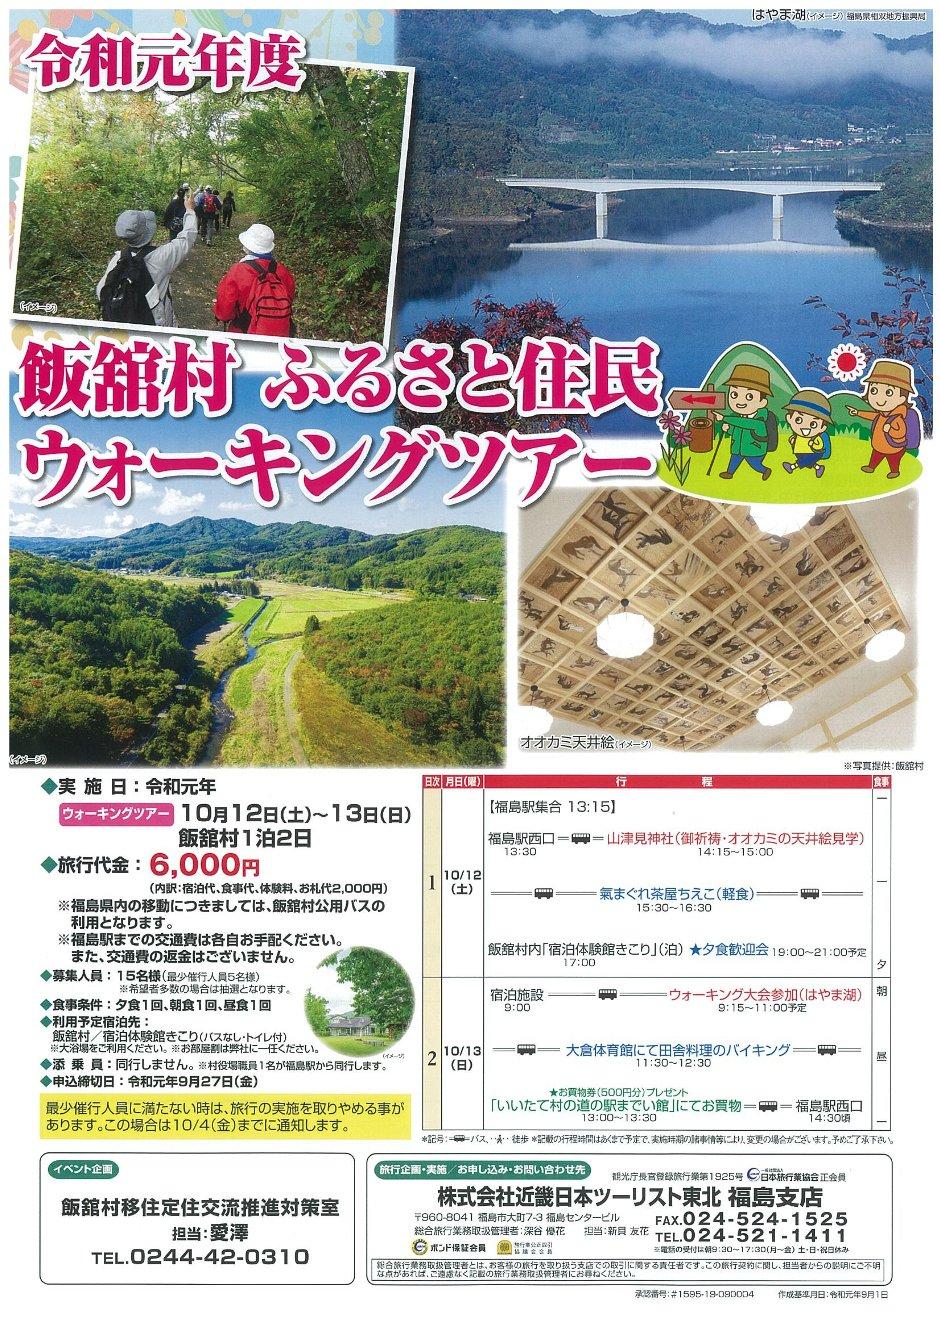 令和元年度 飯舘村ふるさと住民ウォーキングツアー @ 飯舘村